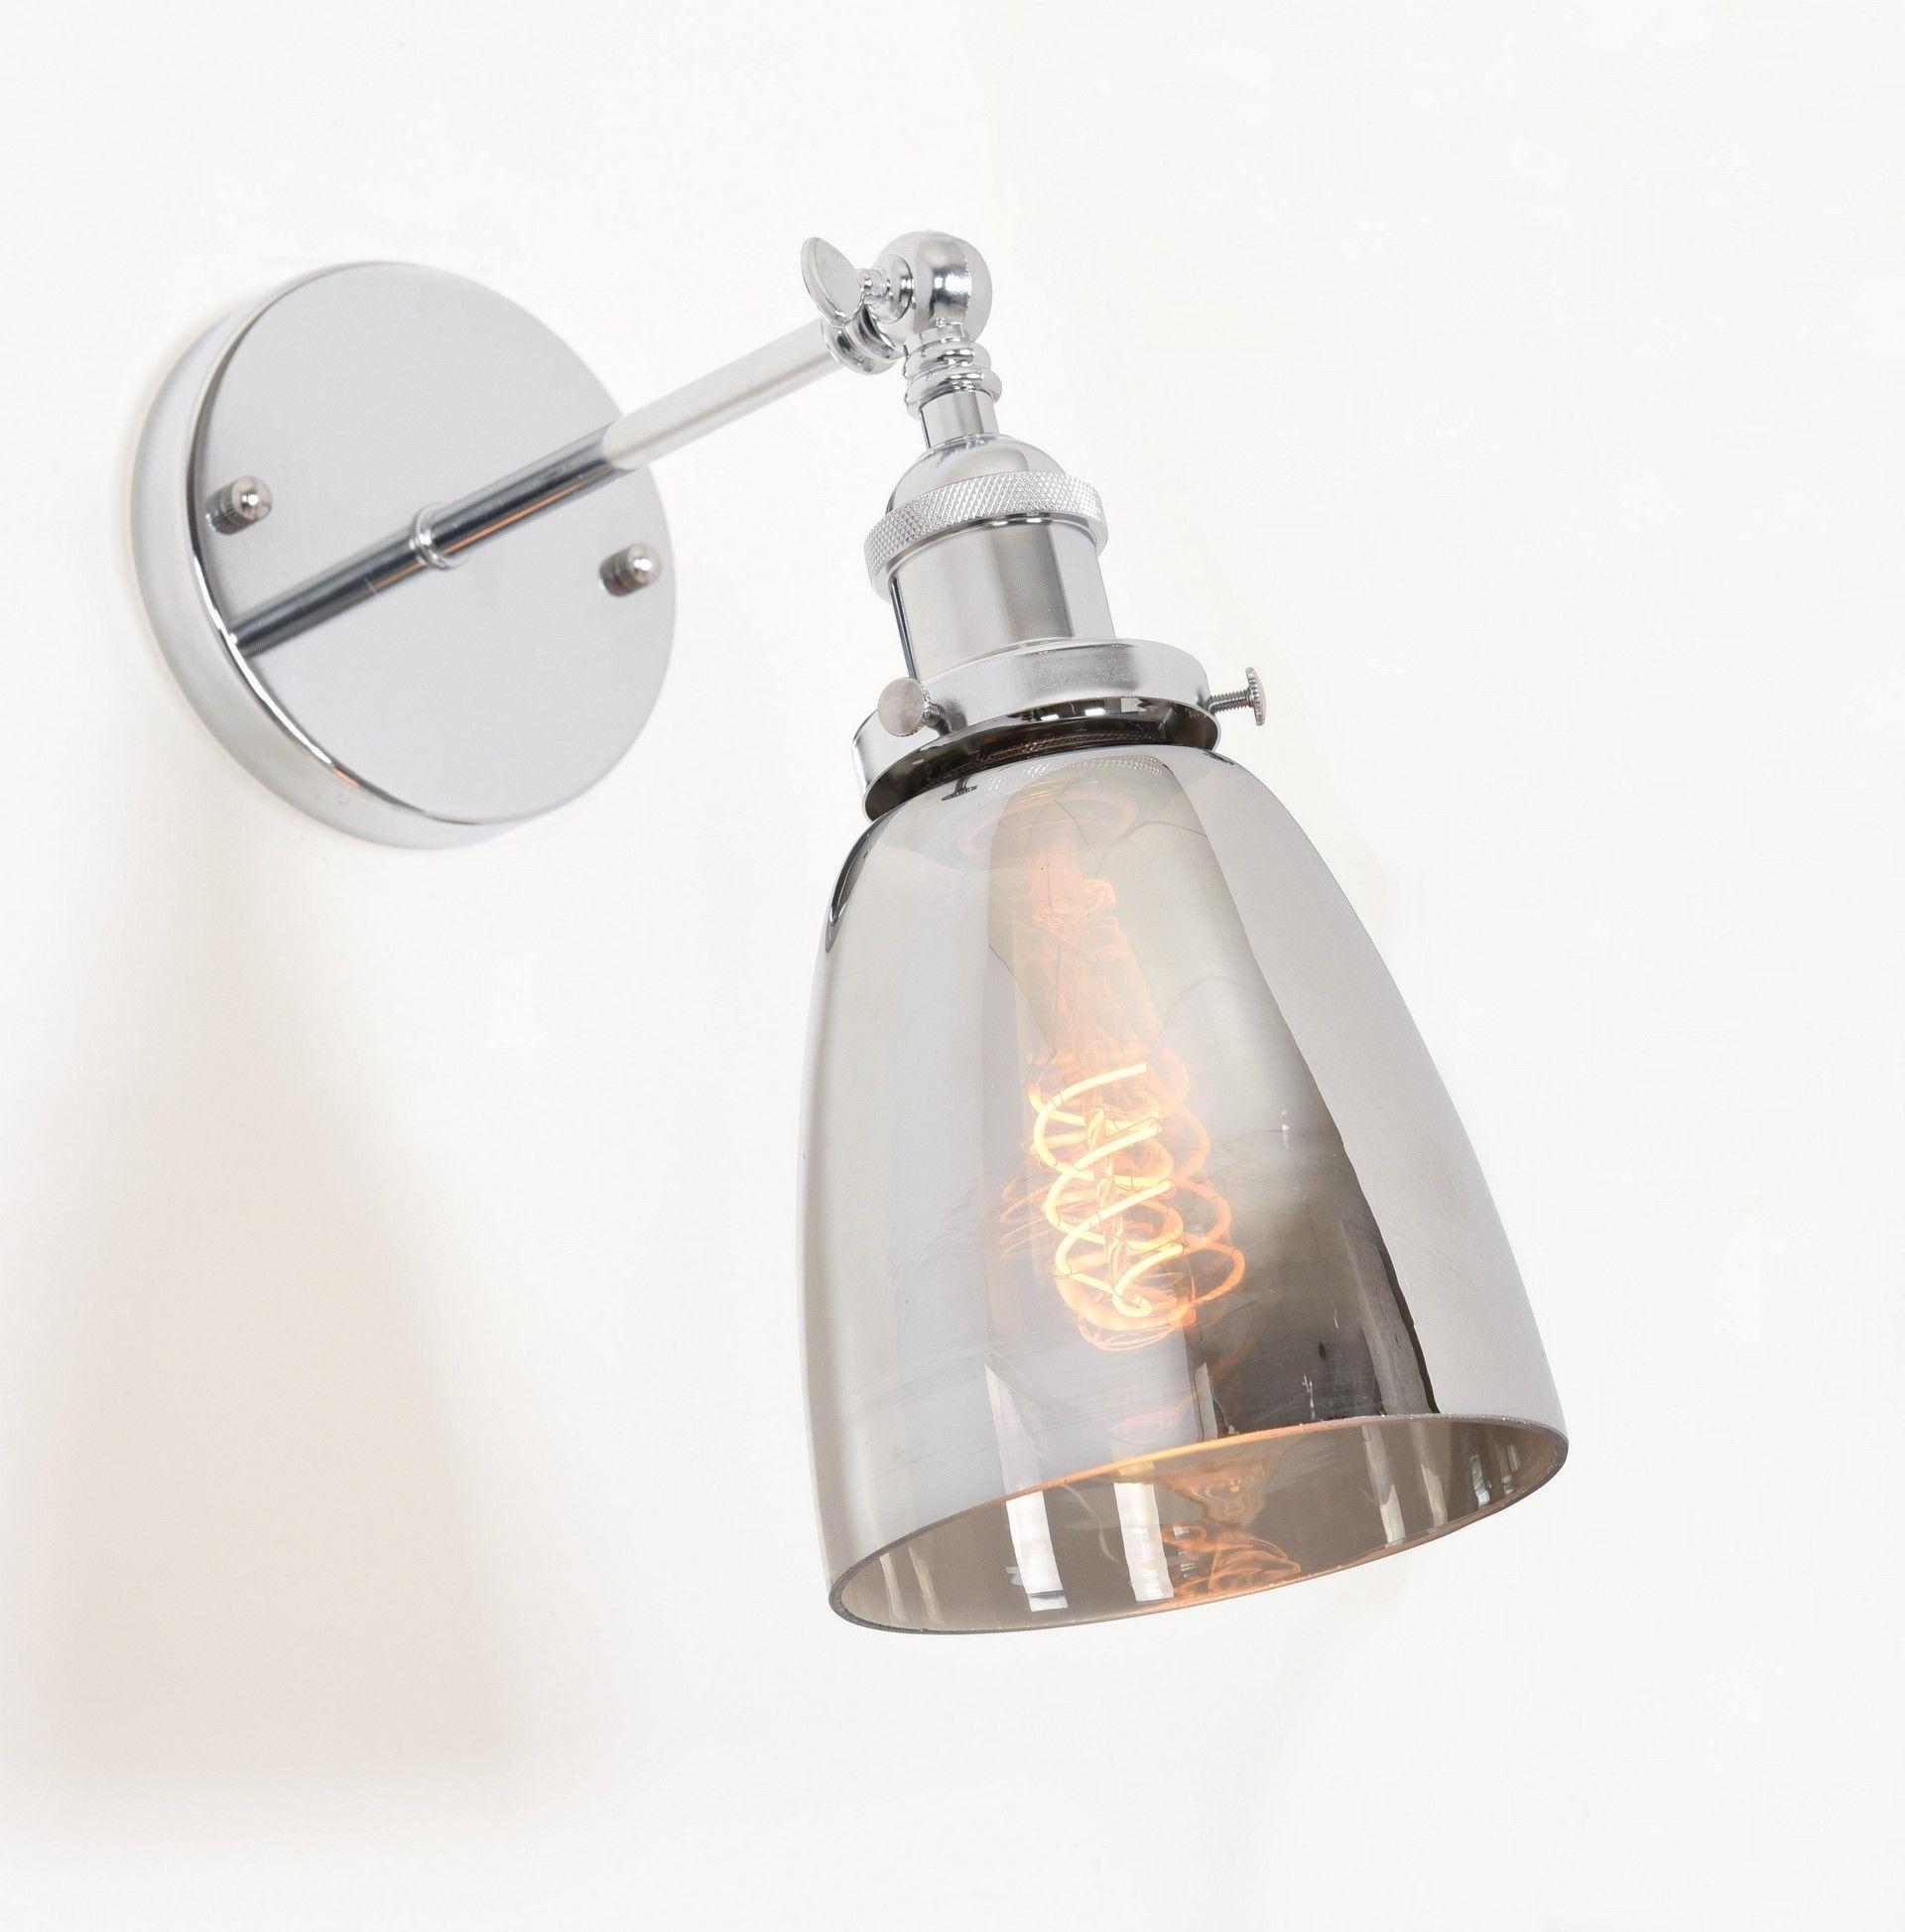 LAMPA ŚCIENNA KINKIET LOFTOWY FABI CHROM W1